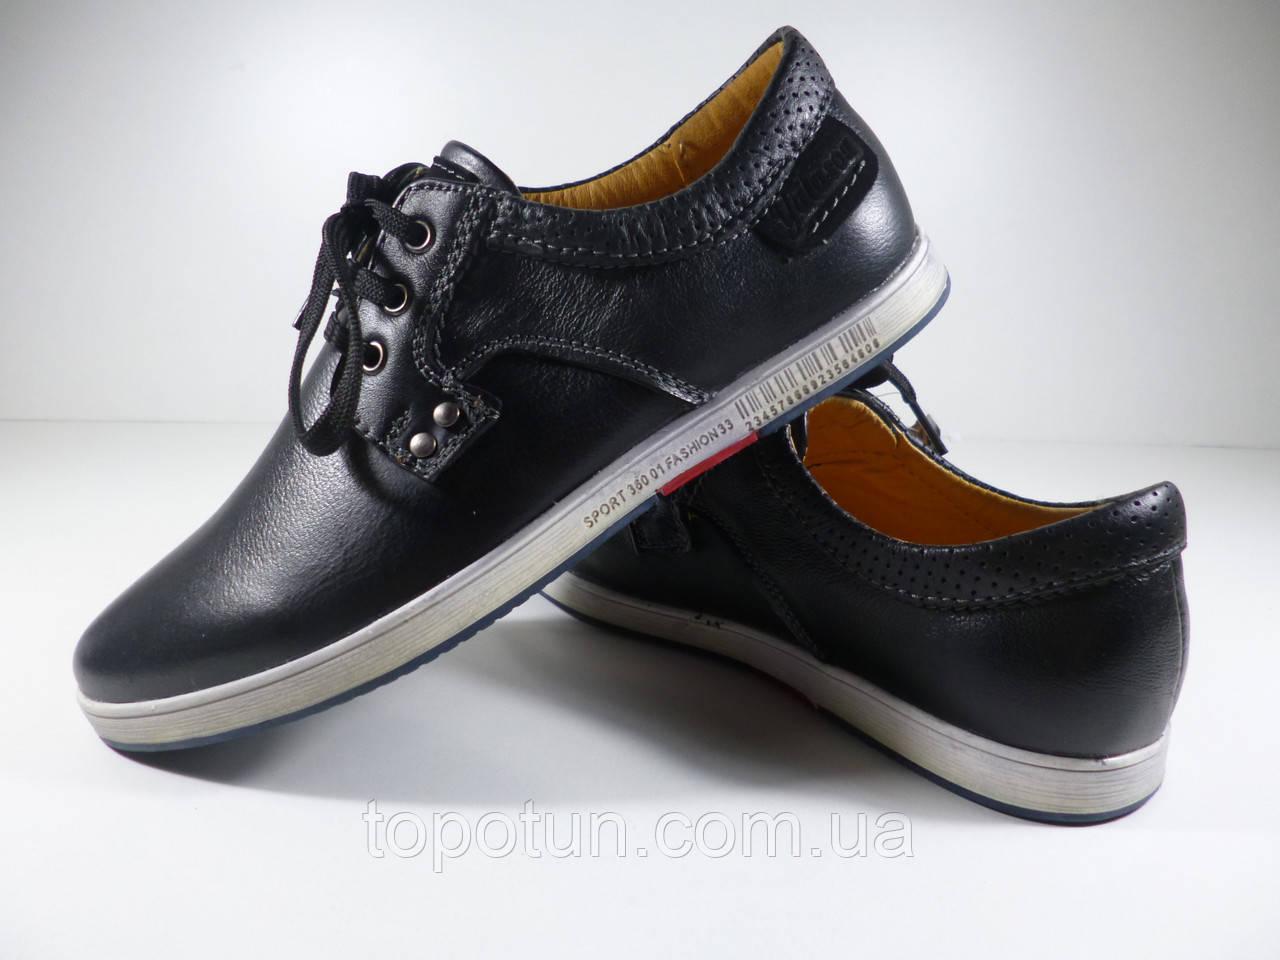 """Школьные туфли для мальчика Yalasou кожаные Размер: 36-41 - Интернет-магазин """"Топотун"""" в Северодонецке"""